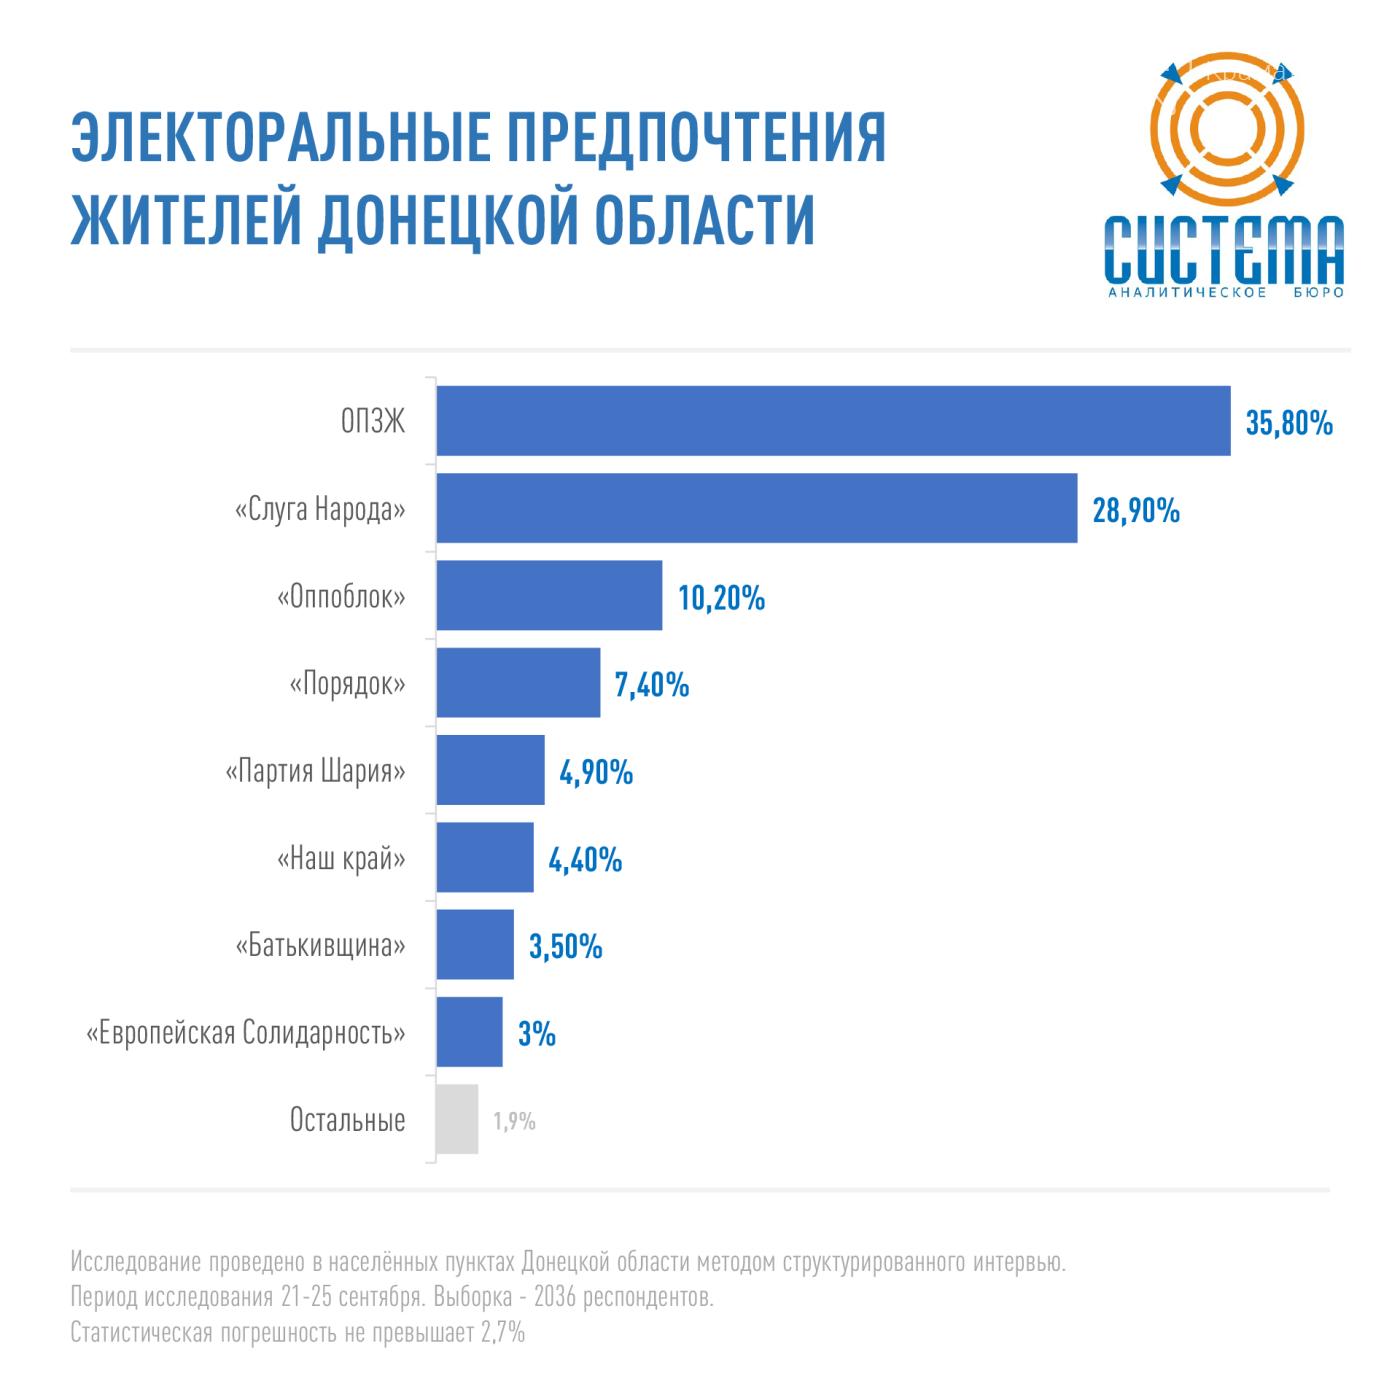 Партия «Слуга Народа» в лидерах электоральных предпочтений жителей Донецкой области, фото-2